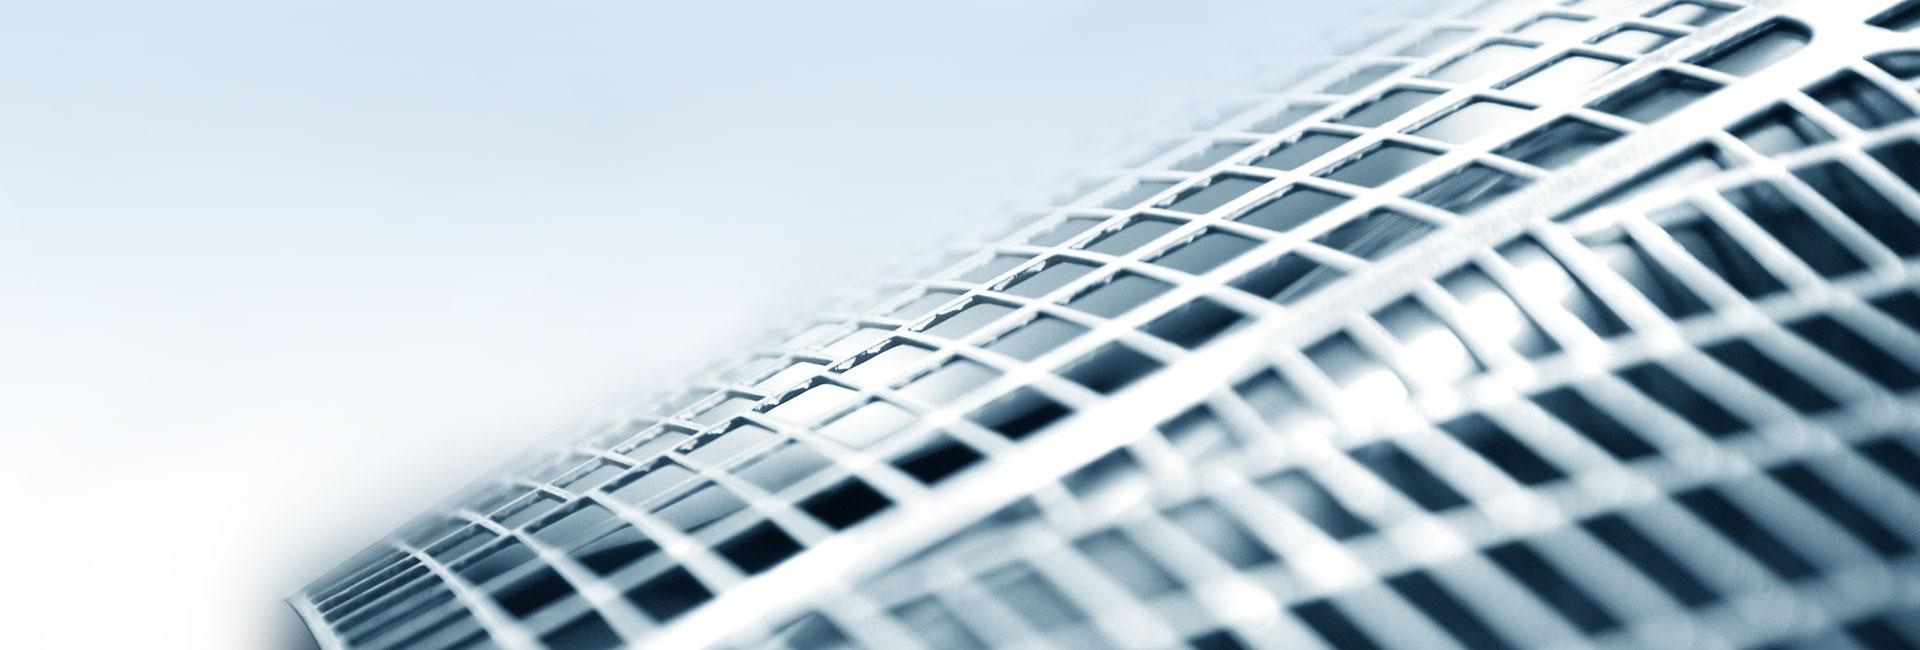 Objevte patentovanou technologii PowerFrame v přesně ražené kladné mřížce